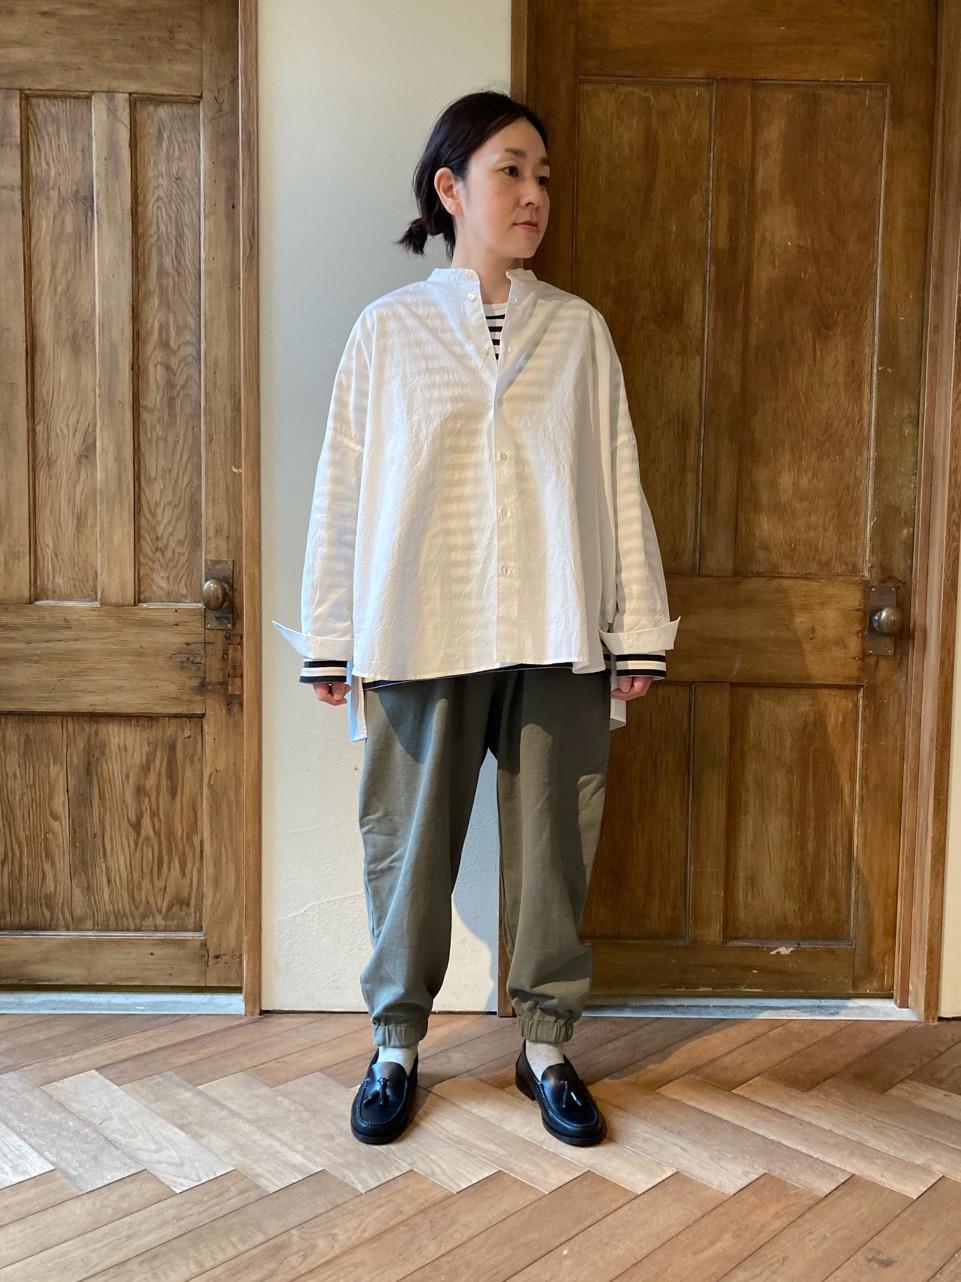 yuni 京都路面 身長:152cm 2021.01.14